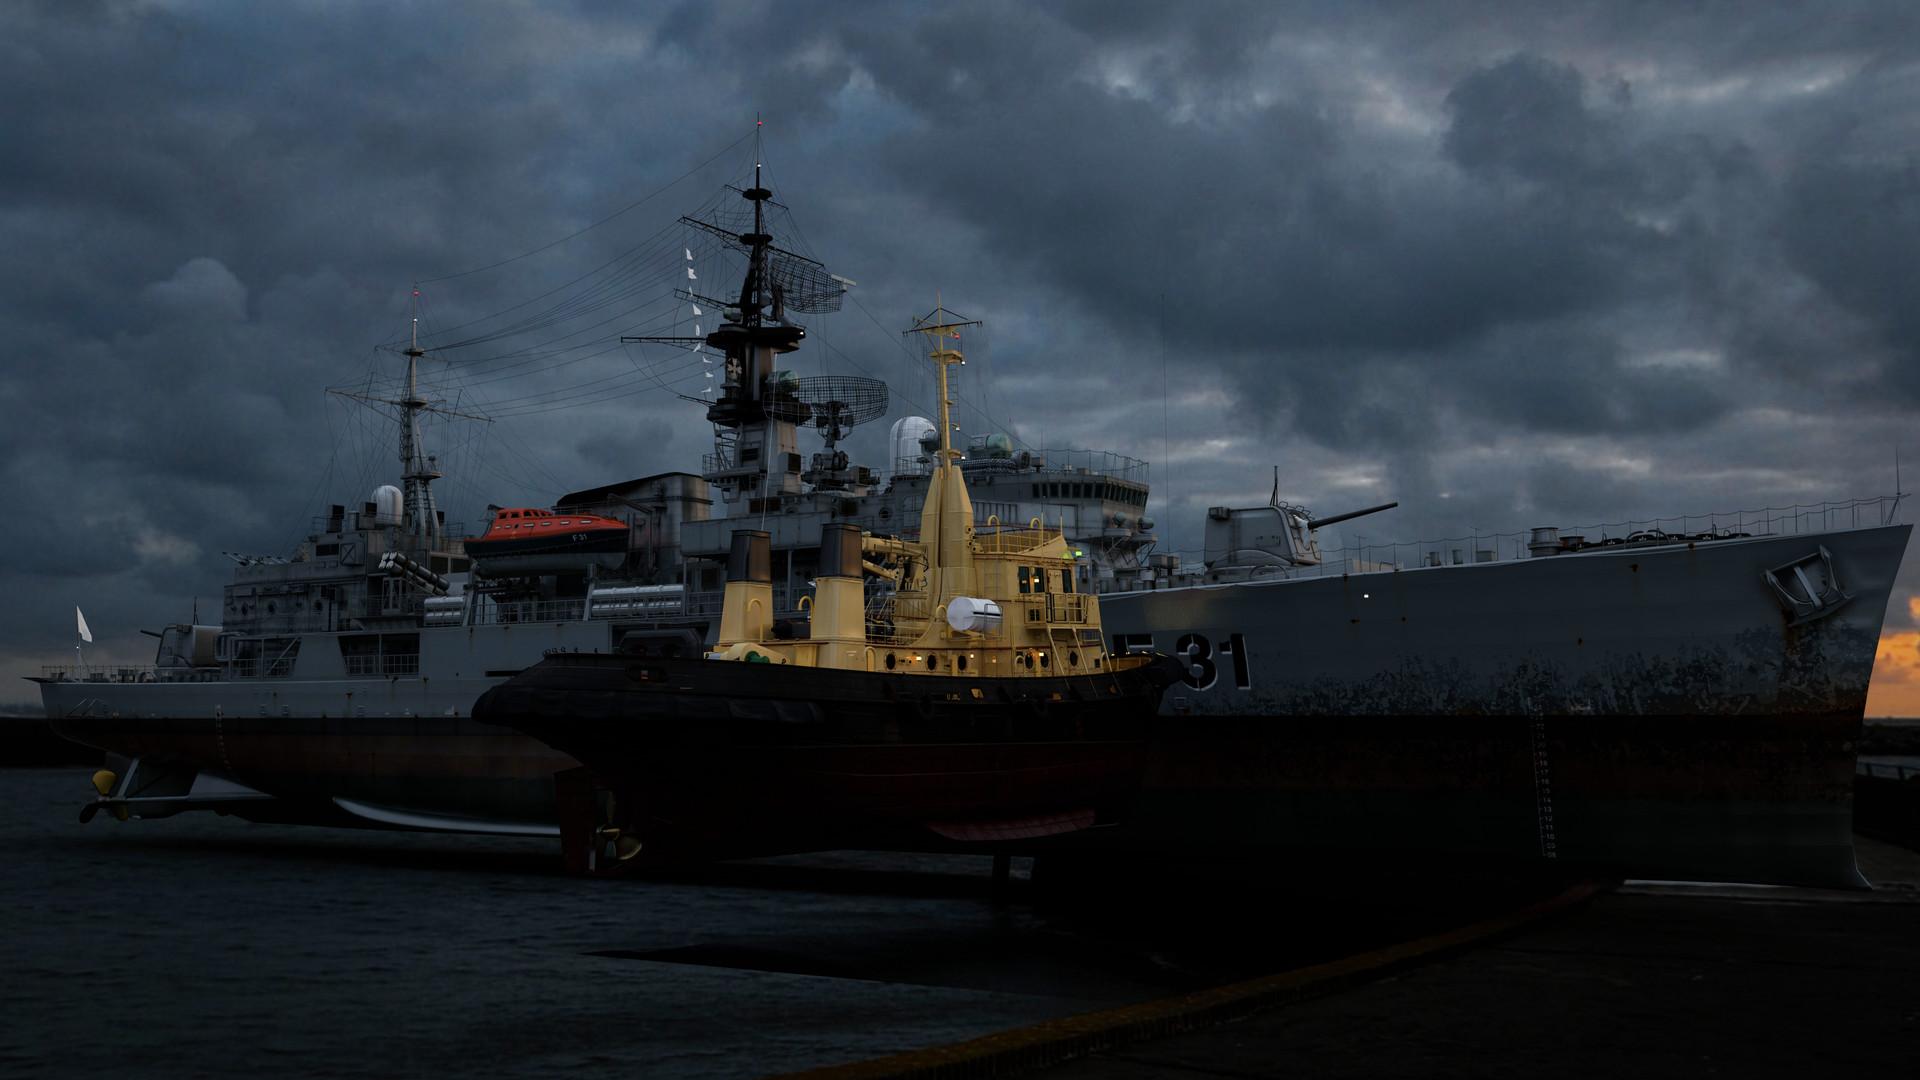 HMS Havok 05 (Maya, Sibl GUI)